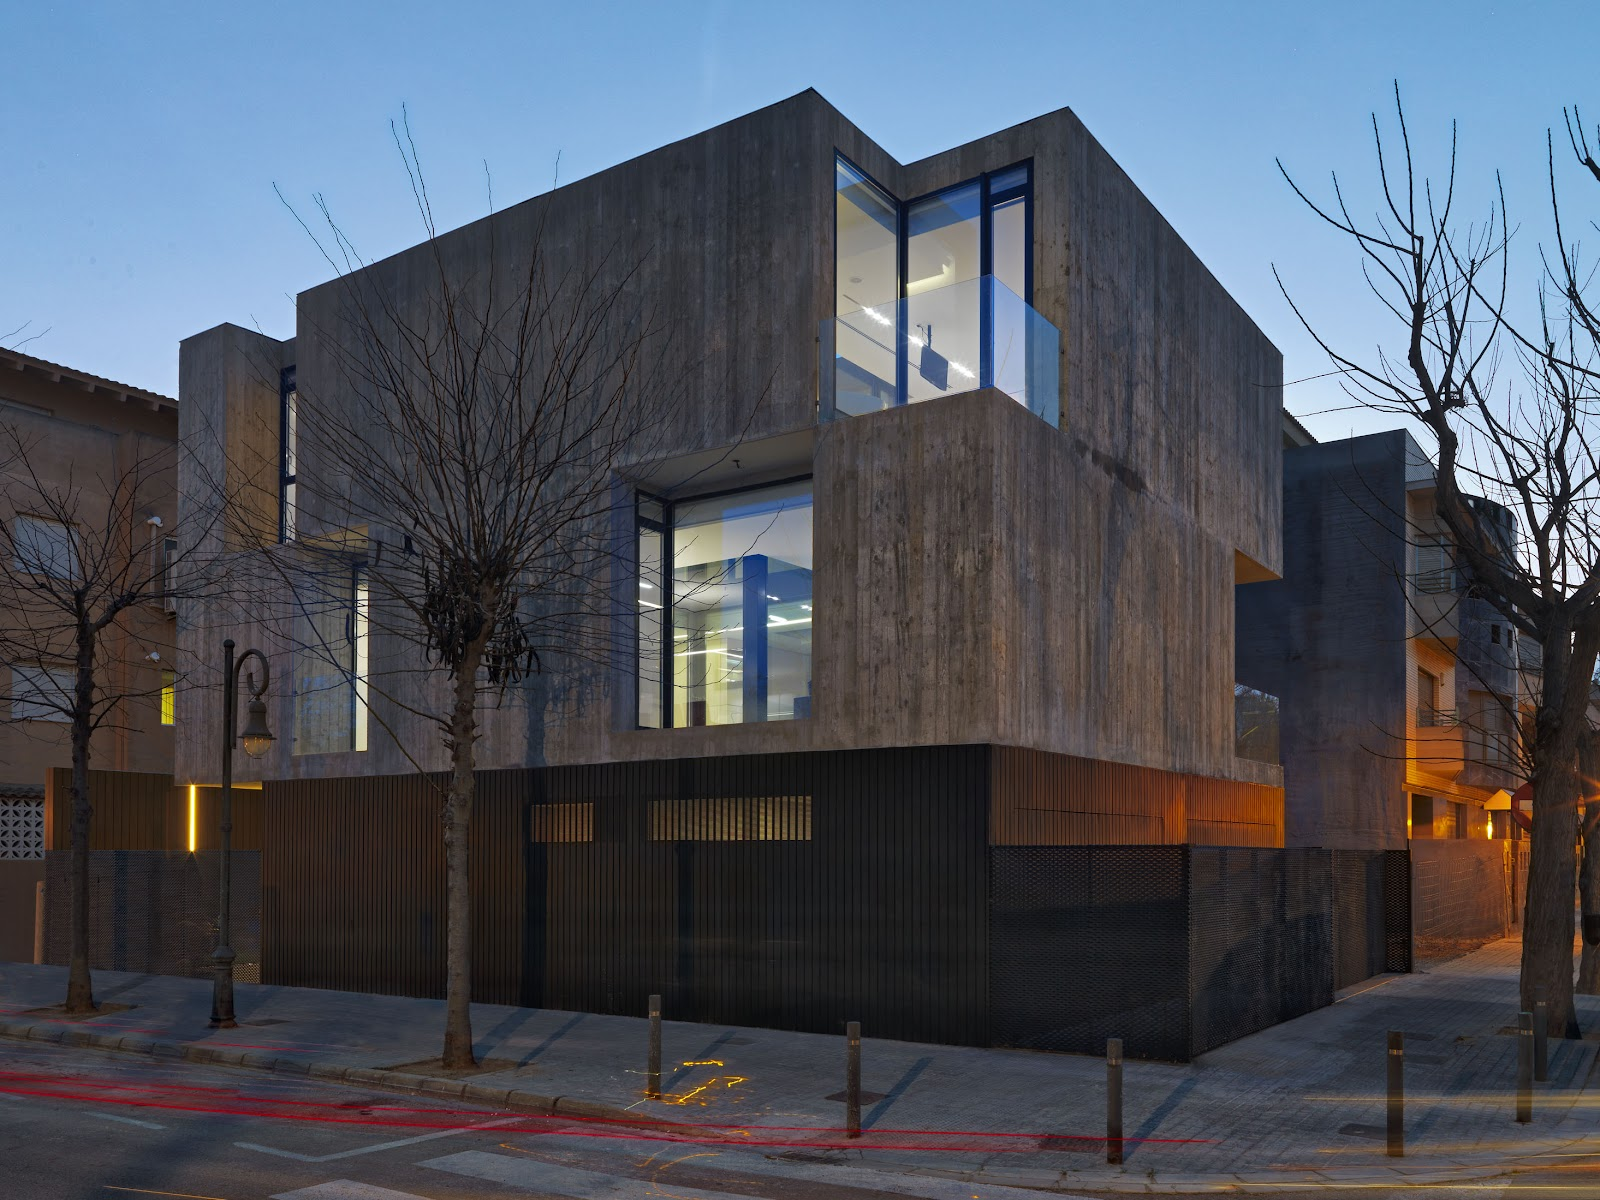 Ruben muedra estudio de arquitectura valencia - Estudios de arquitectura en toledo ...